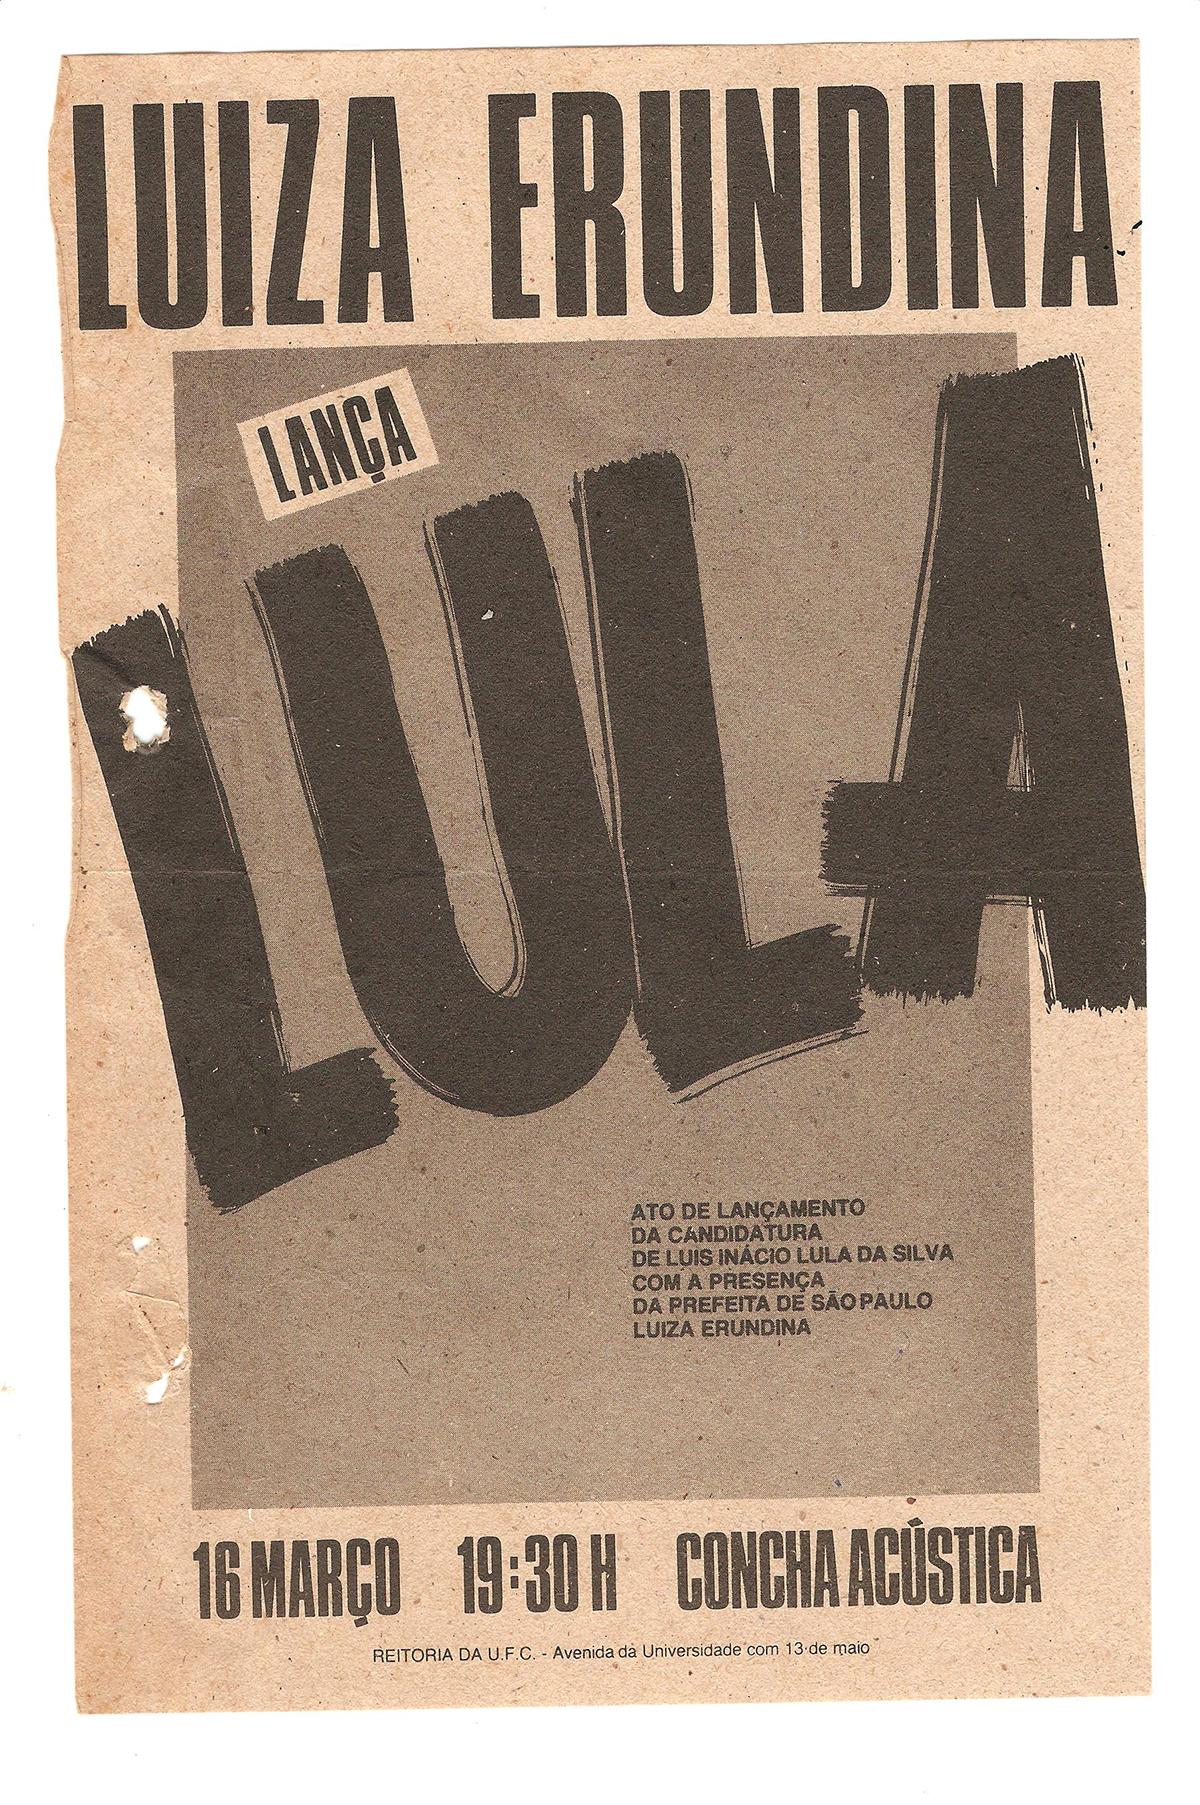 Panfleto de lançamento da candidatura de Lula na Concha Acústica da Reitoria, 1989. O ato contaria com a presença da primeira prefeita de São Paulo, eleita em 1988, Luiza Erundina.